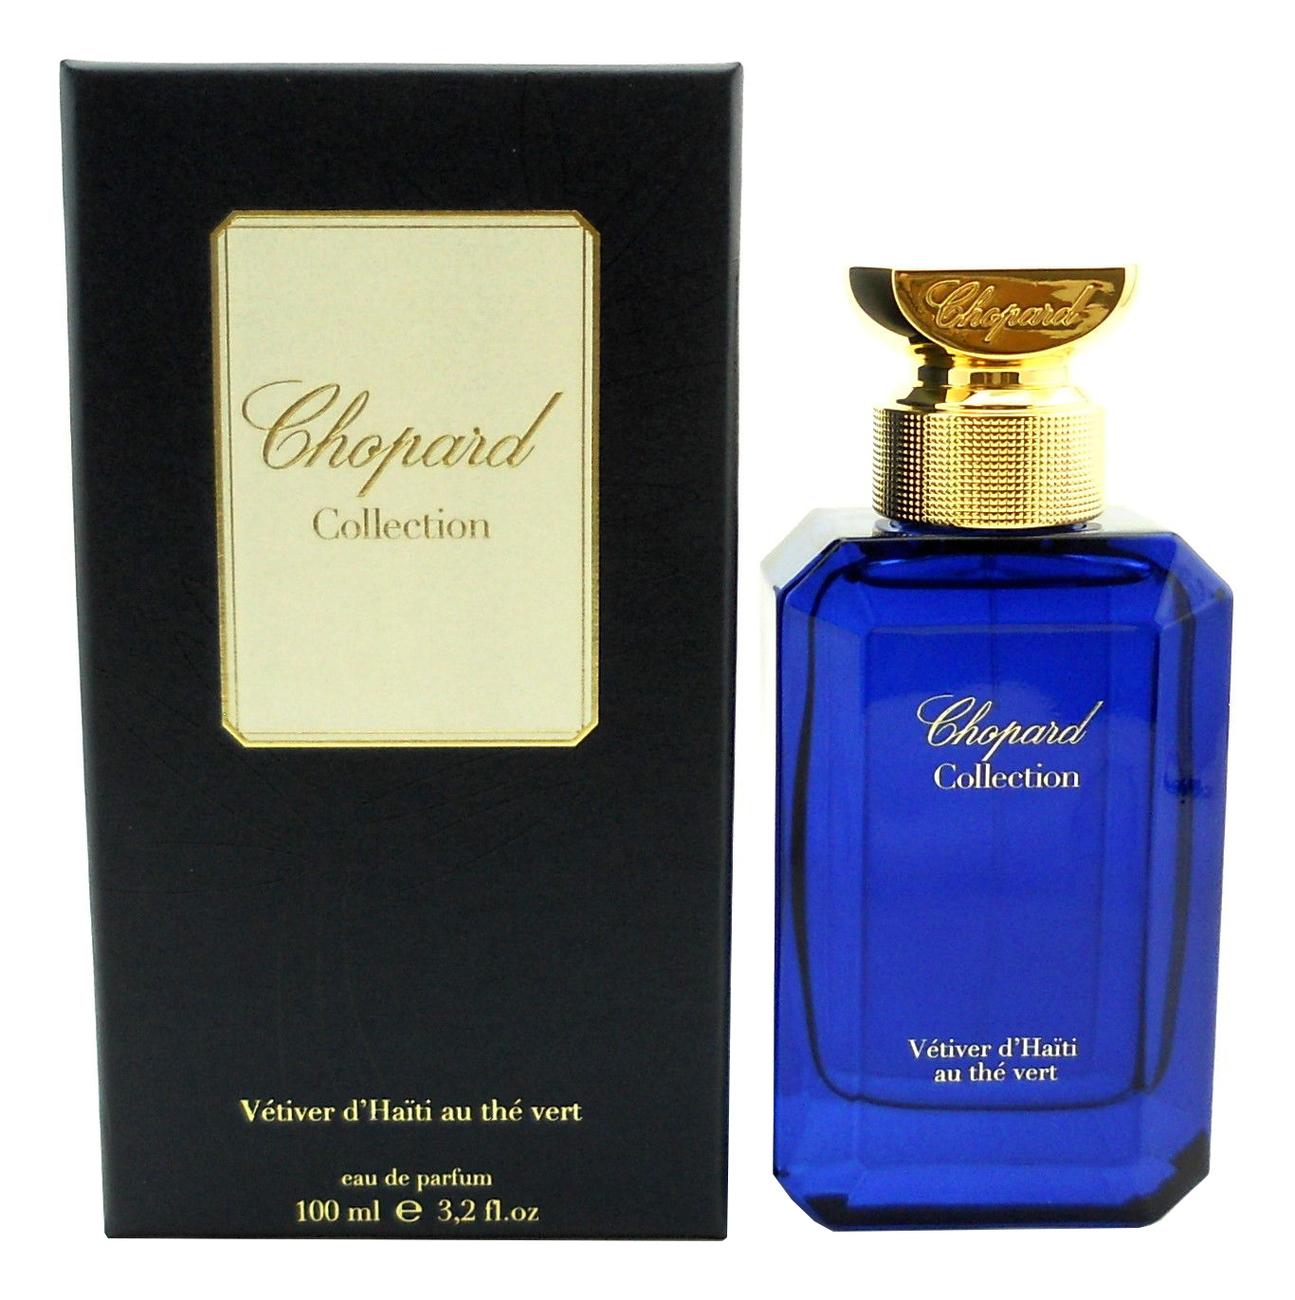 Купить Chopard Vetiver D'Haiti Au The Vert: парфюмерная вода 100мл